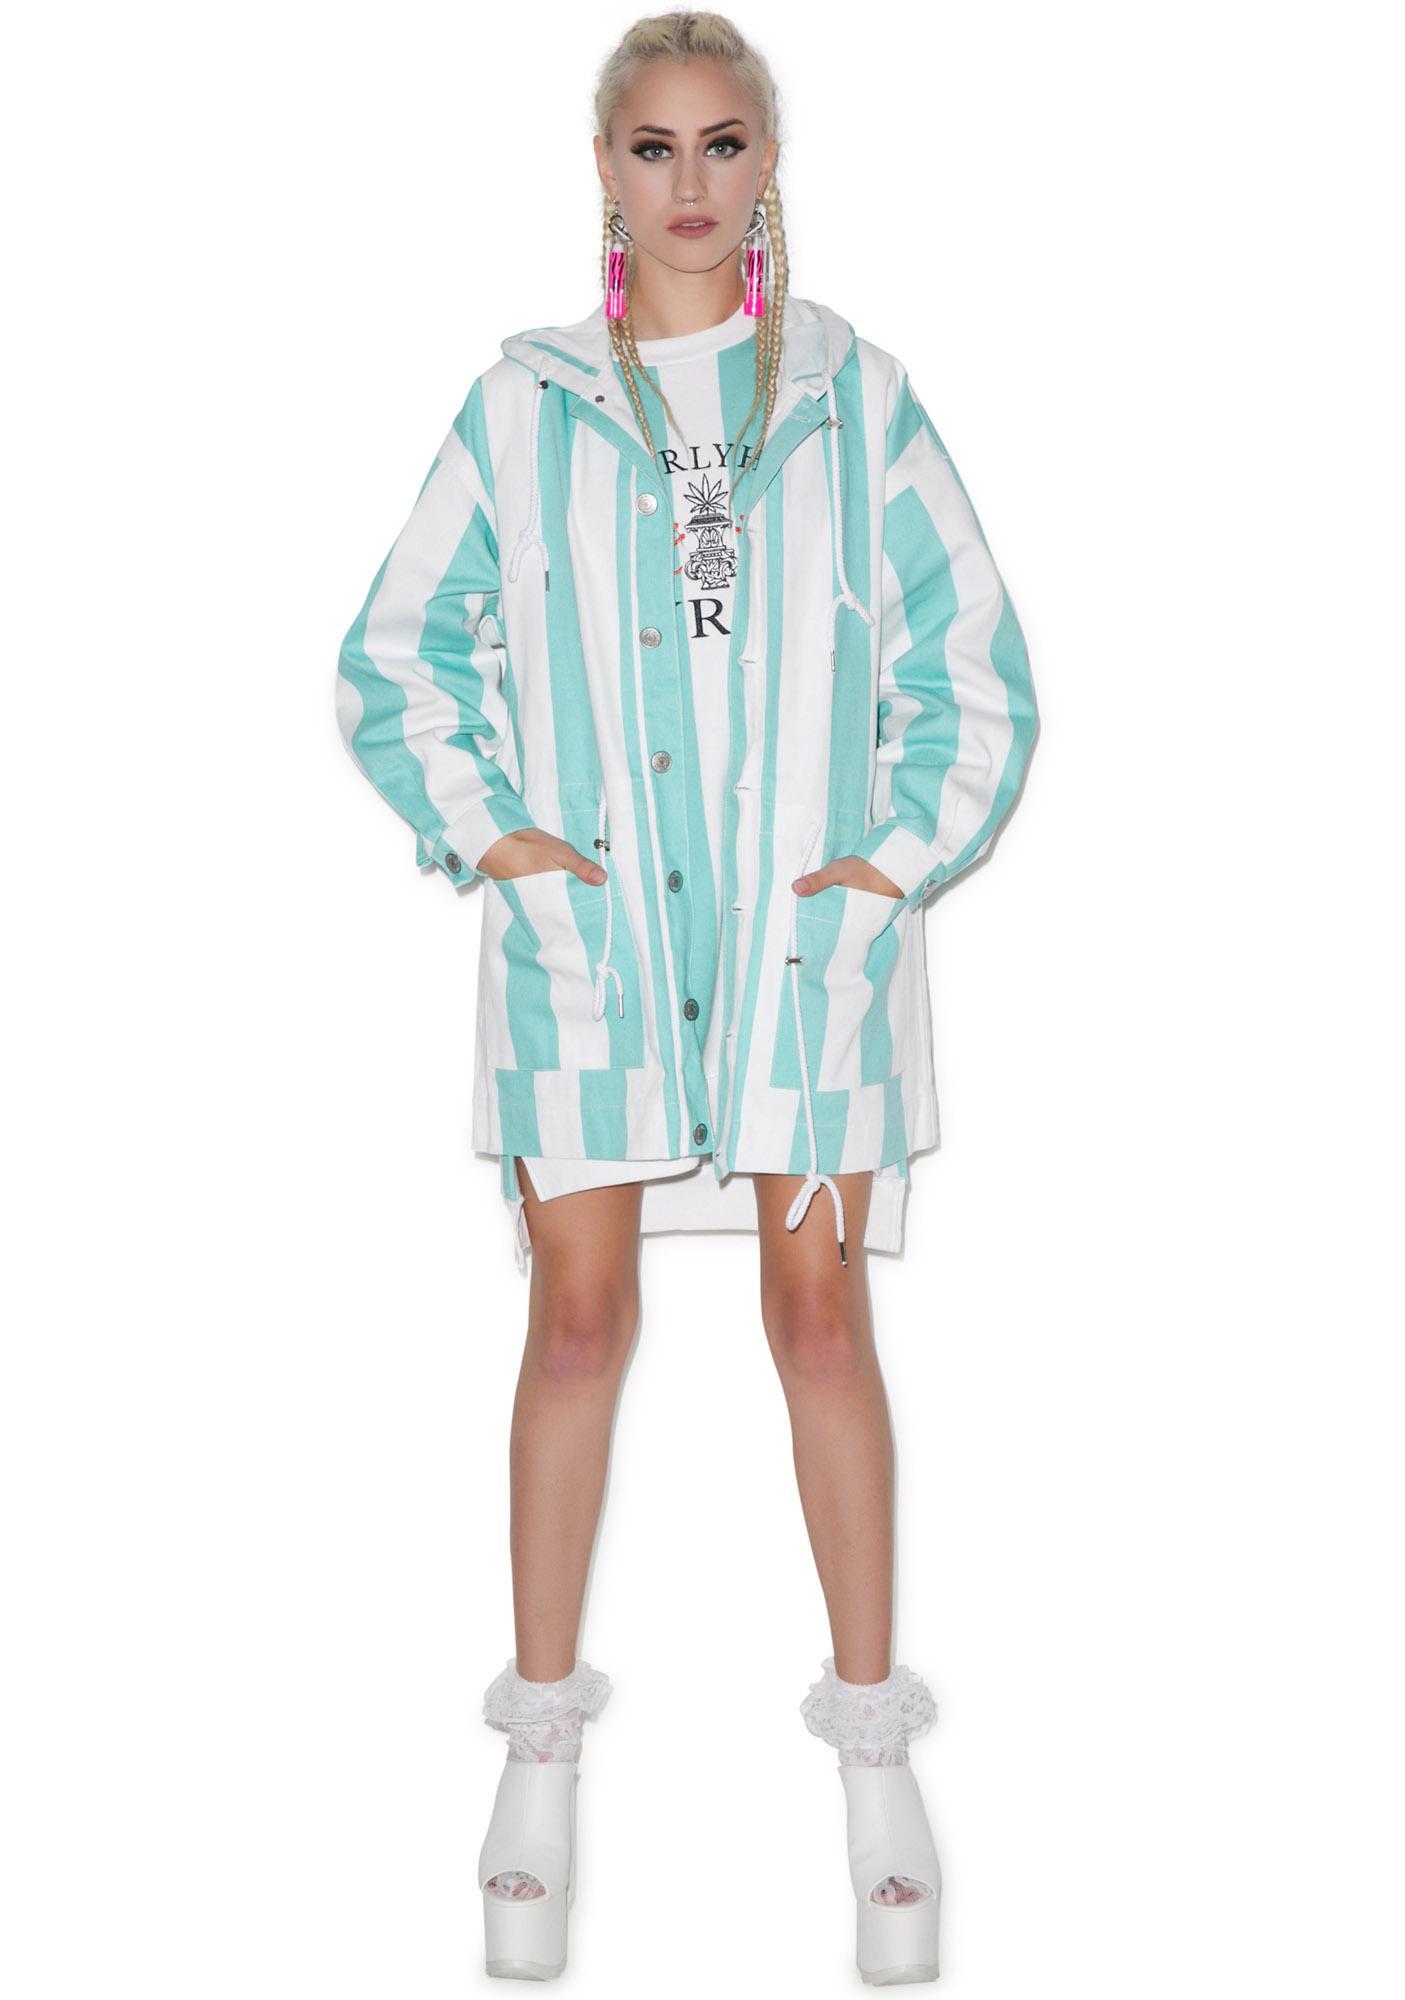 Joyrich Bold Lane Coat